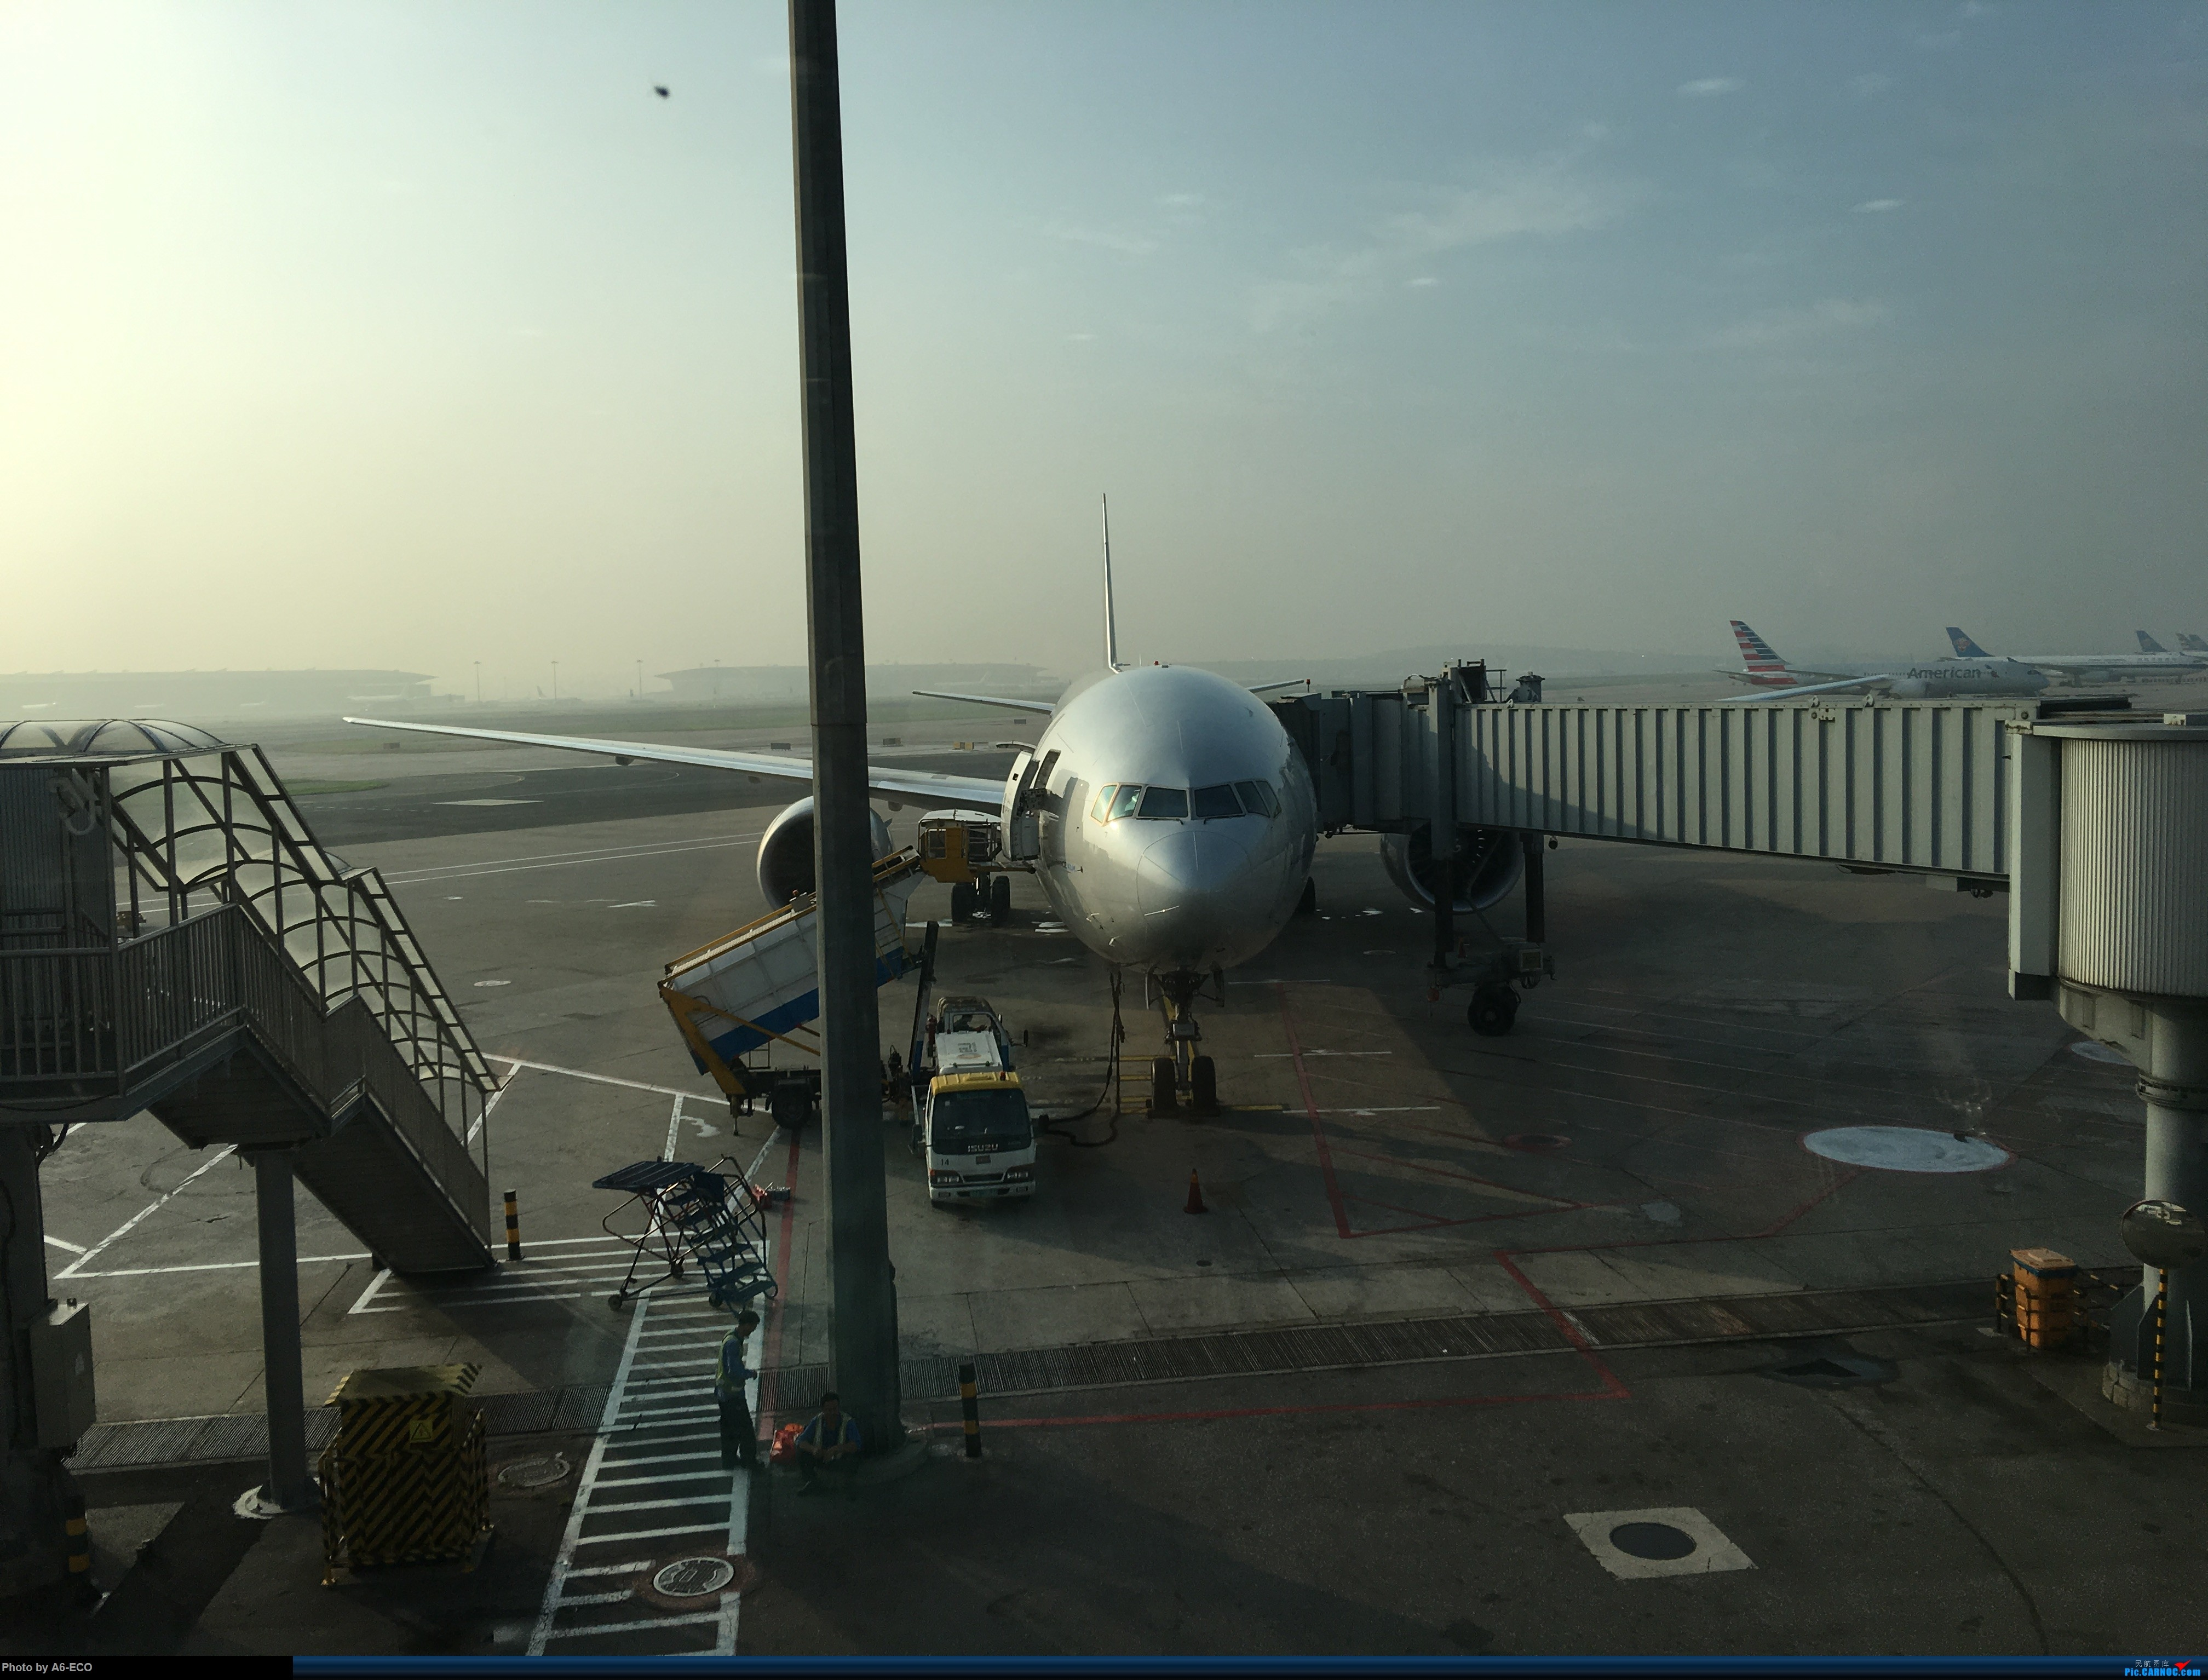 Re:[原创]海鲜航305航班+hxg拍机+香港推荐美食+回程海鲜航 BOEING 777-300ER F-GZNE 中国北京首都国际机场